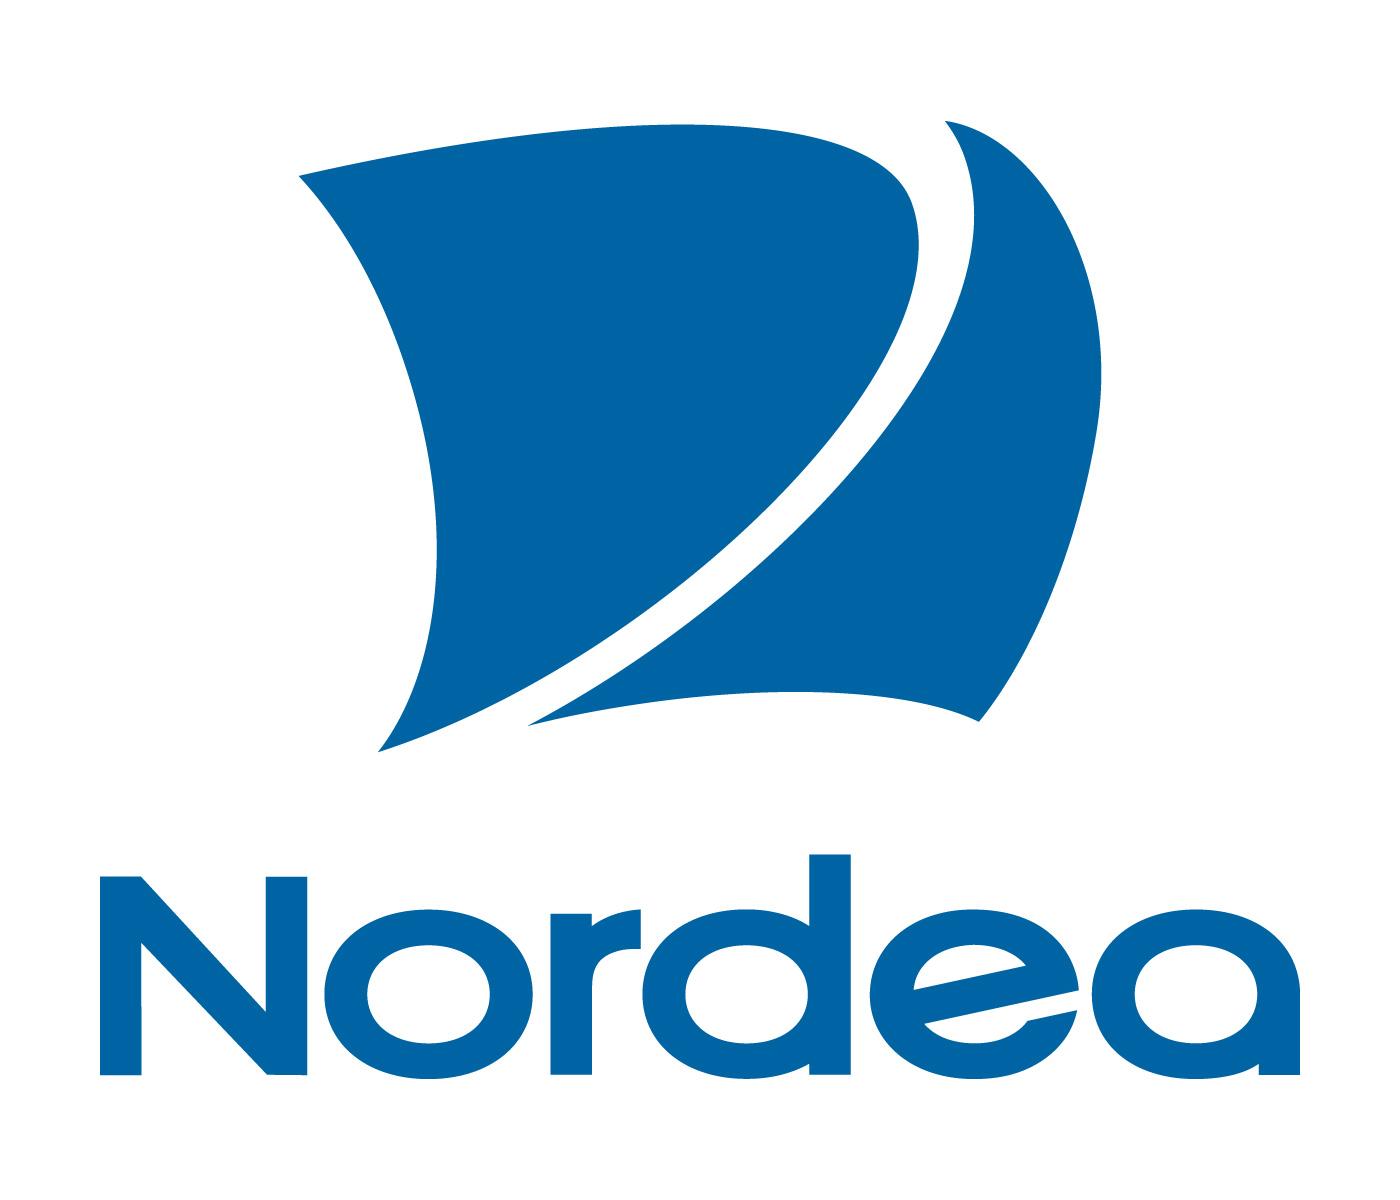 Nordwea